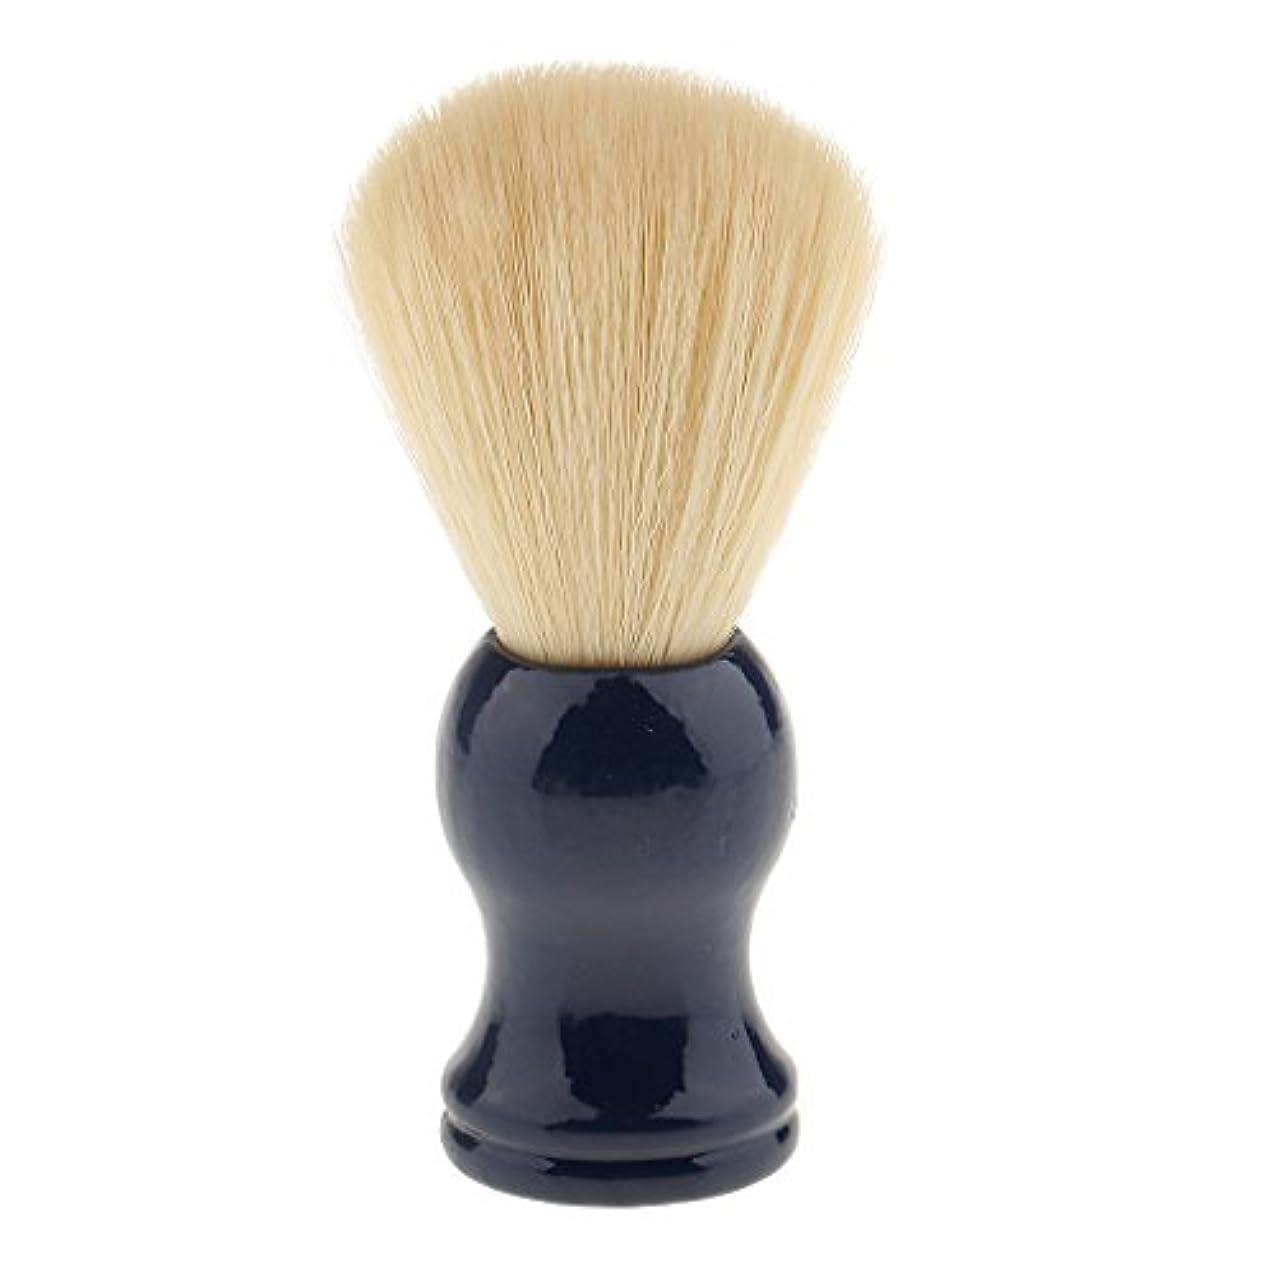 注文恥ずかしさ円周Baoblaze ナイロン ひげブラシ シェービング ブラシ 髭 泡立て 散髪整理  理髪用 サロン 快適 美容院